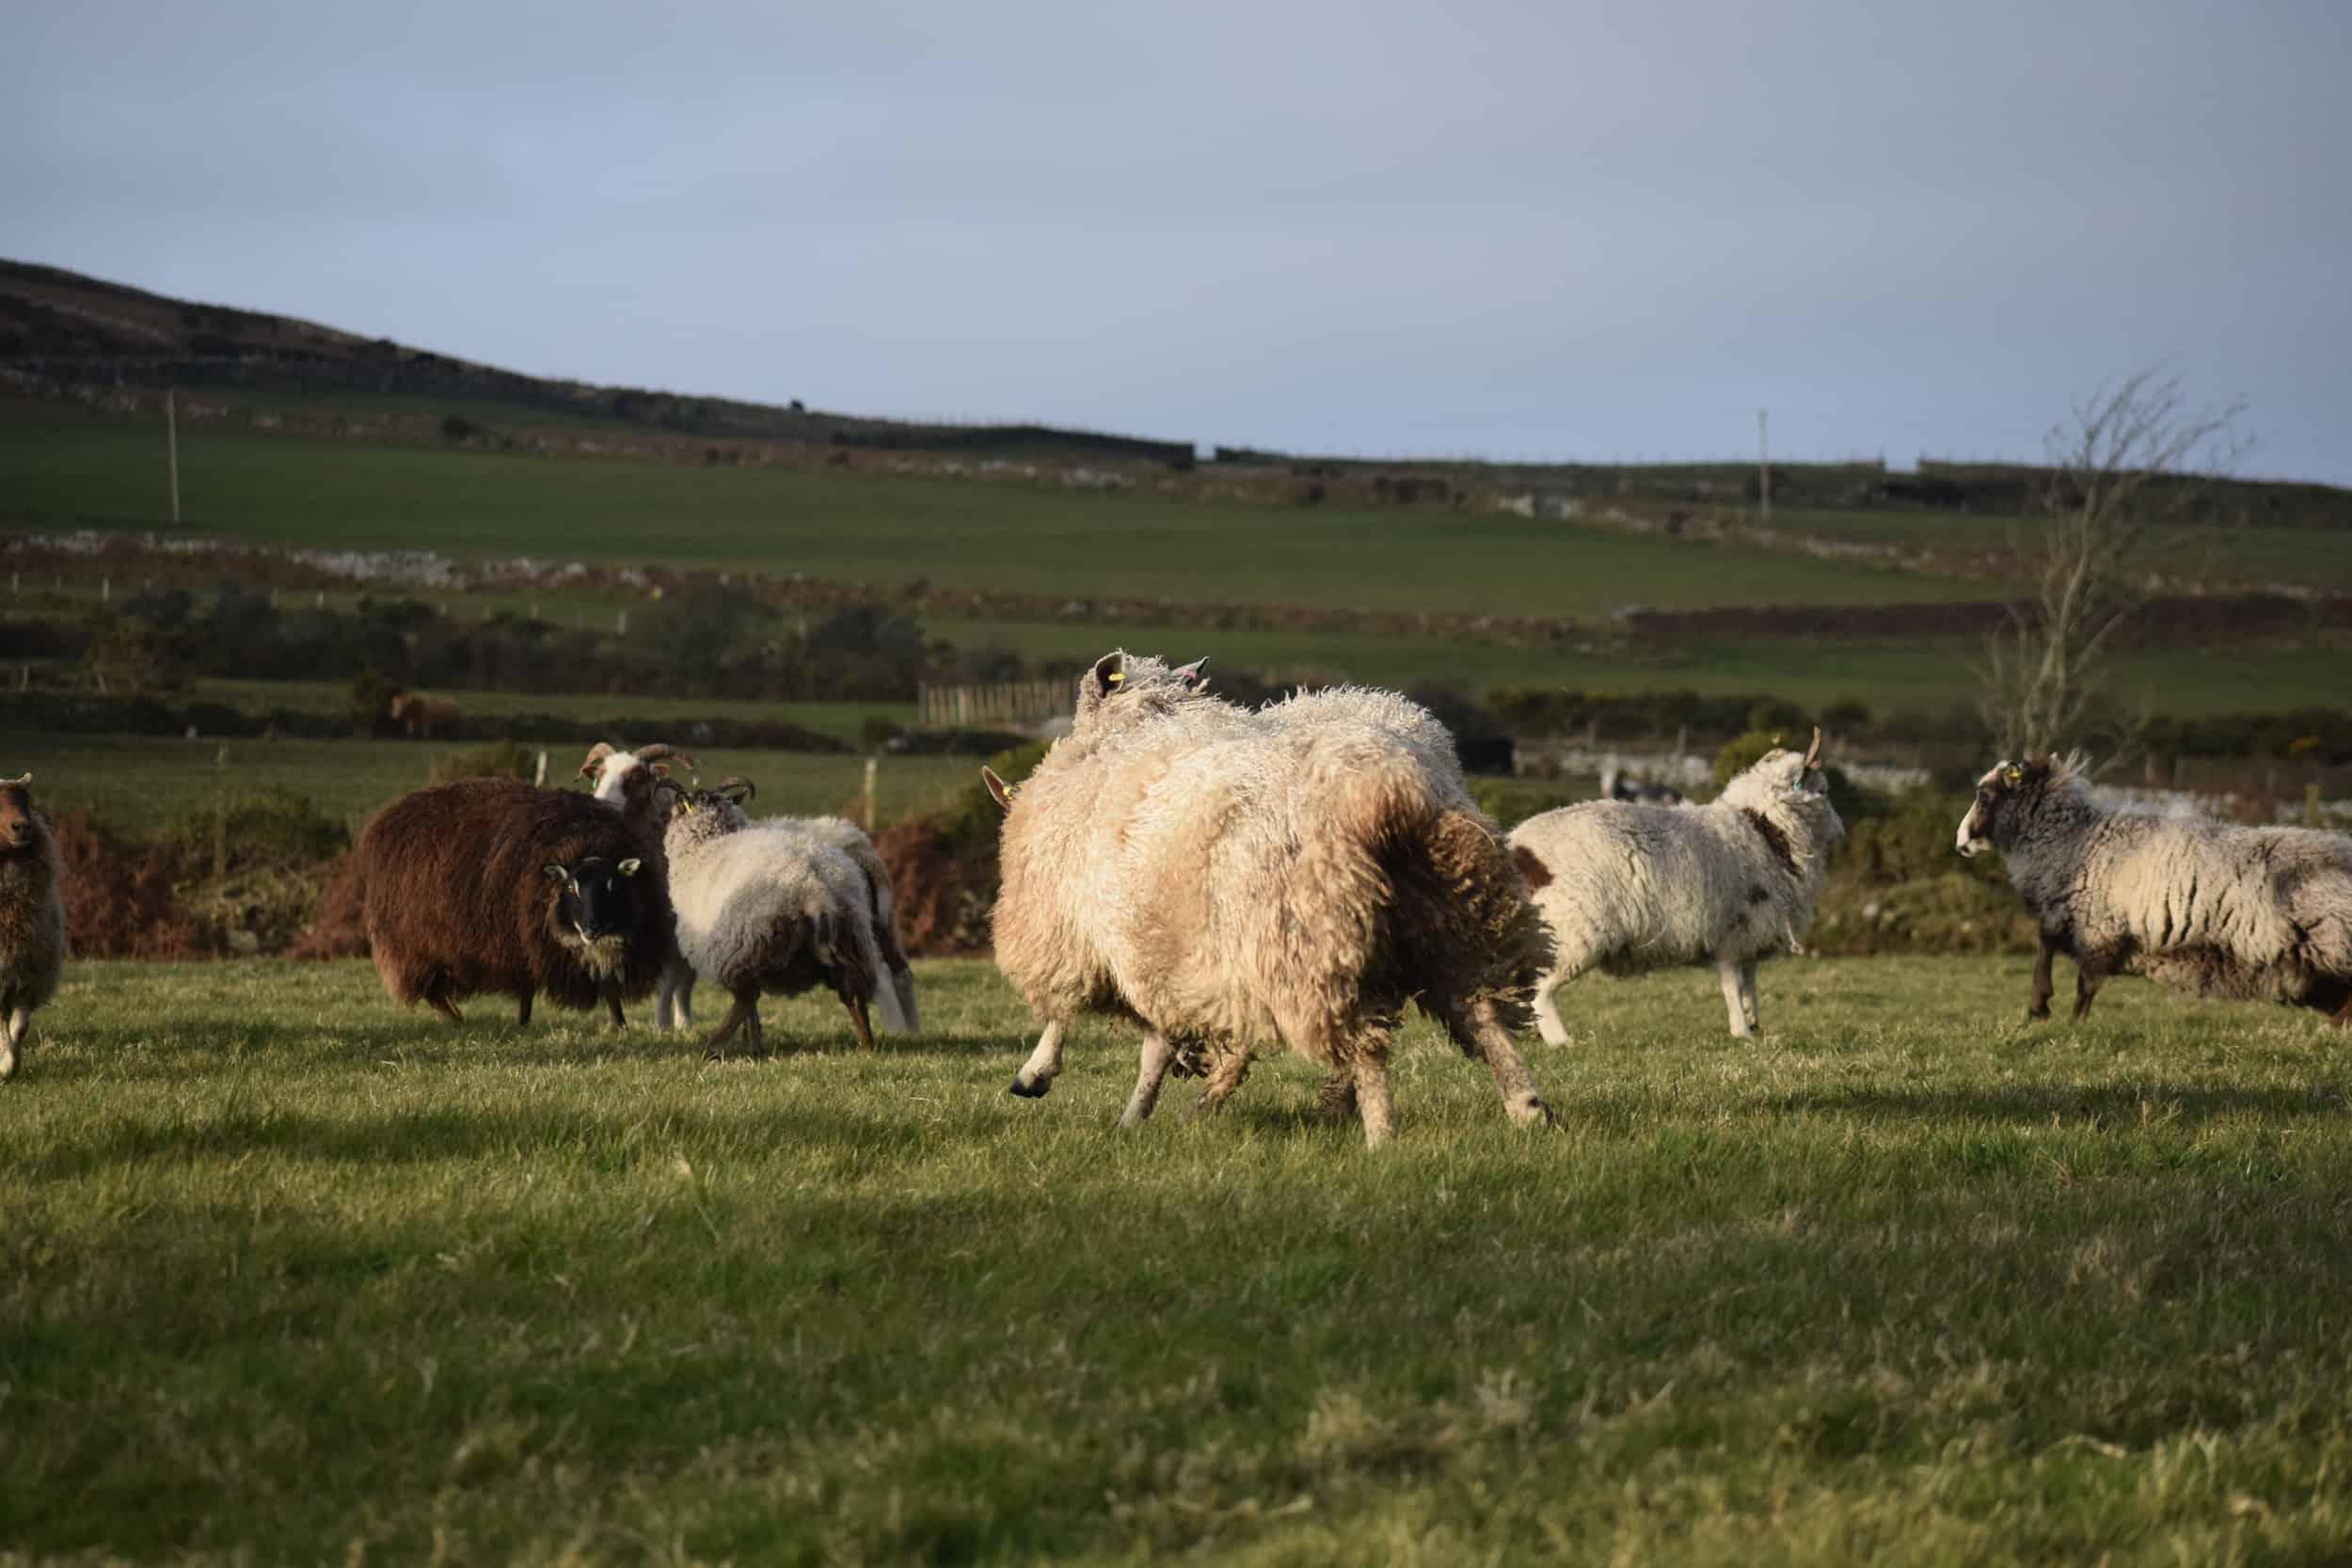 hermione texel x wensleydale patchwork sheep wool 2